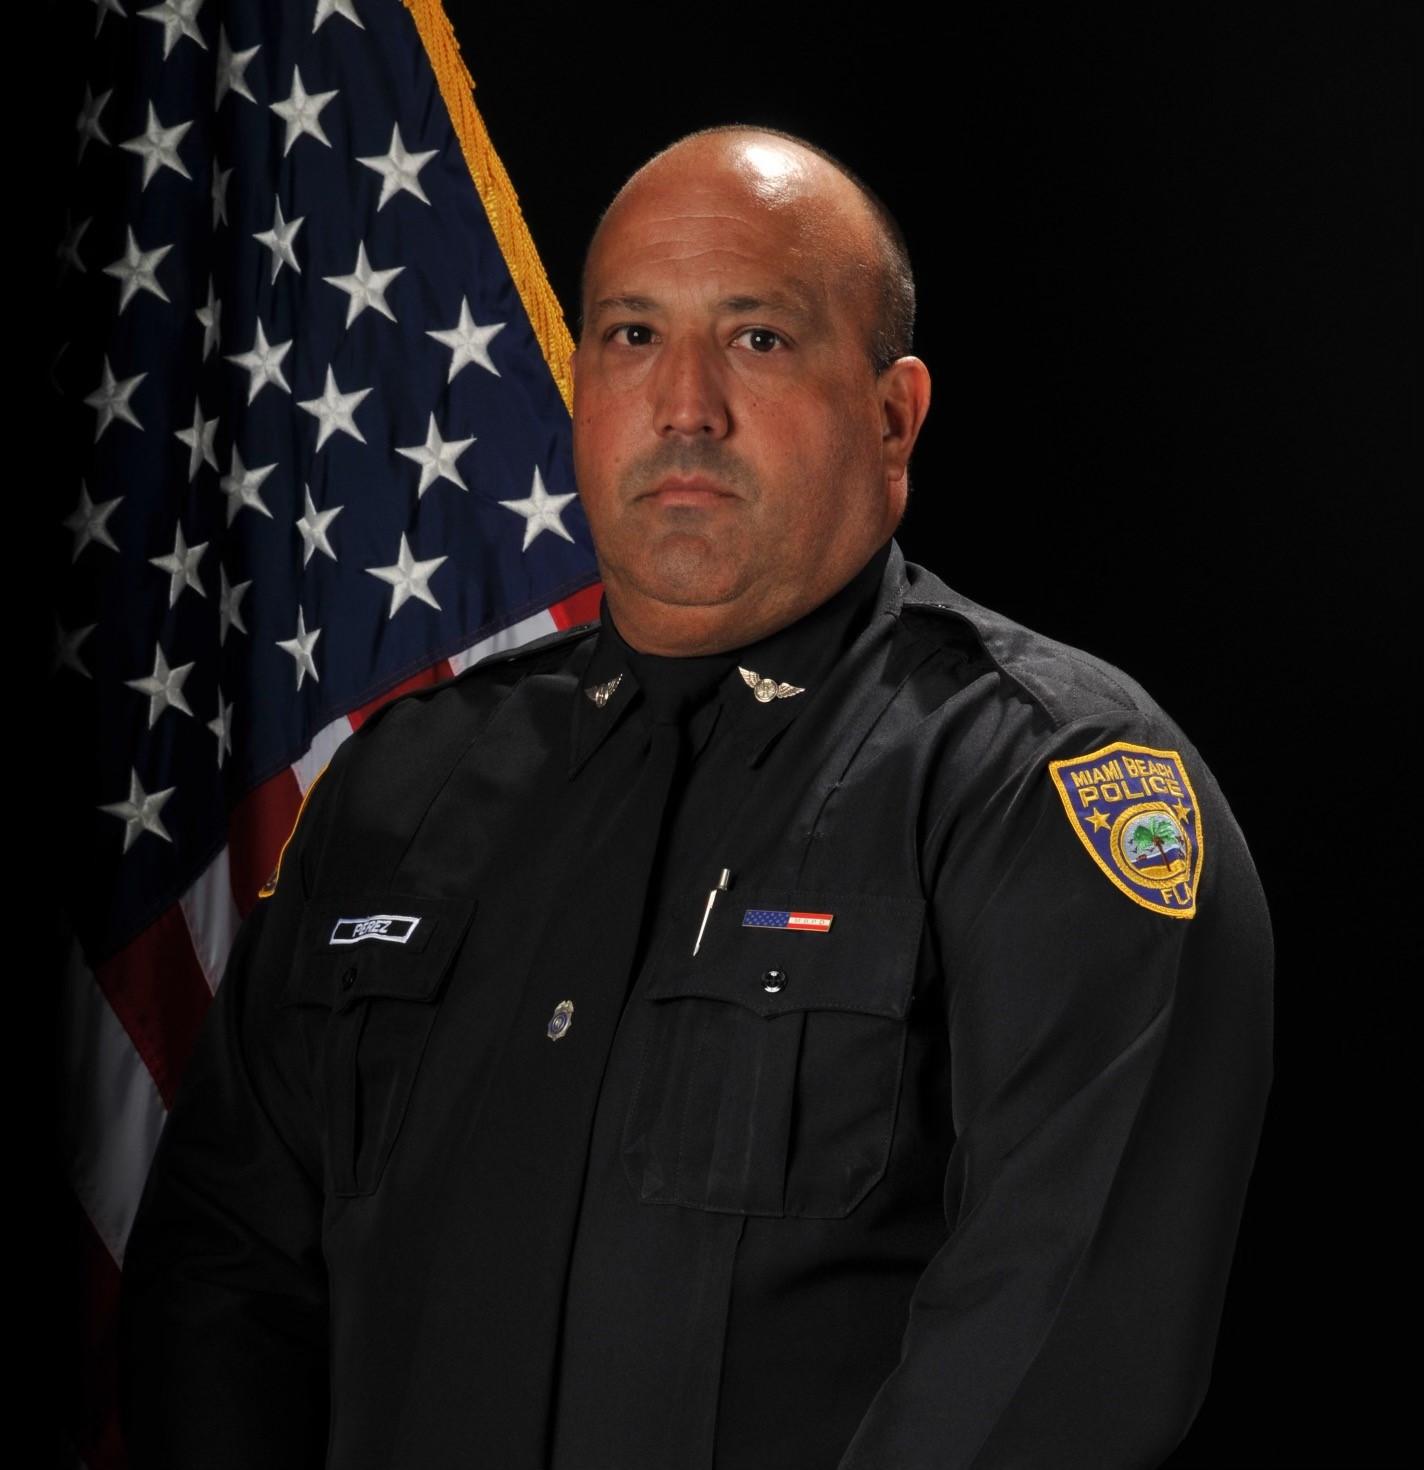 Police Officer Edward Perez | Miami Beach Police Department, Florida